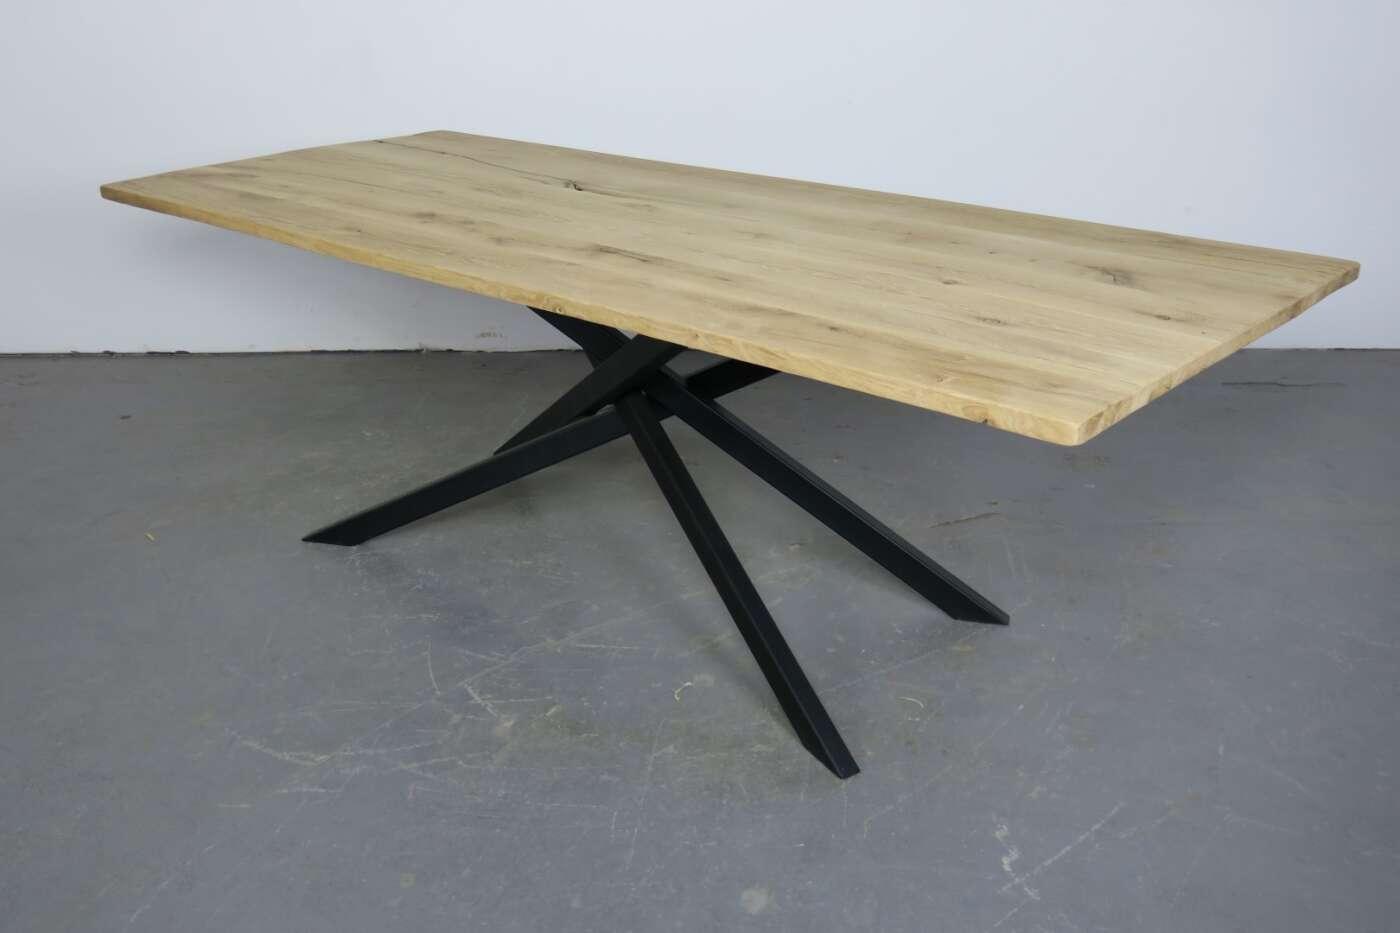 Mikado Altholz Eiche Tisch | wohnsektion